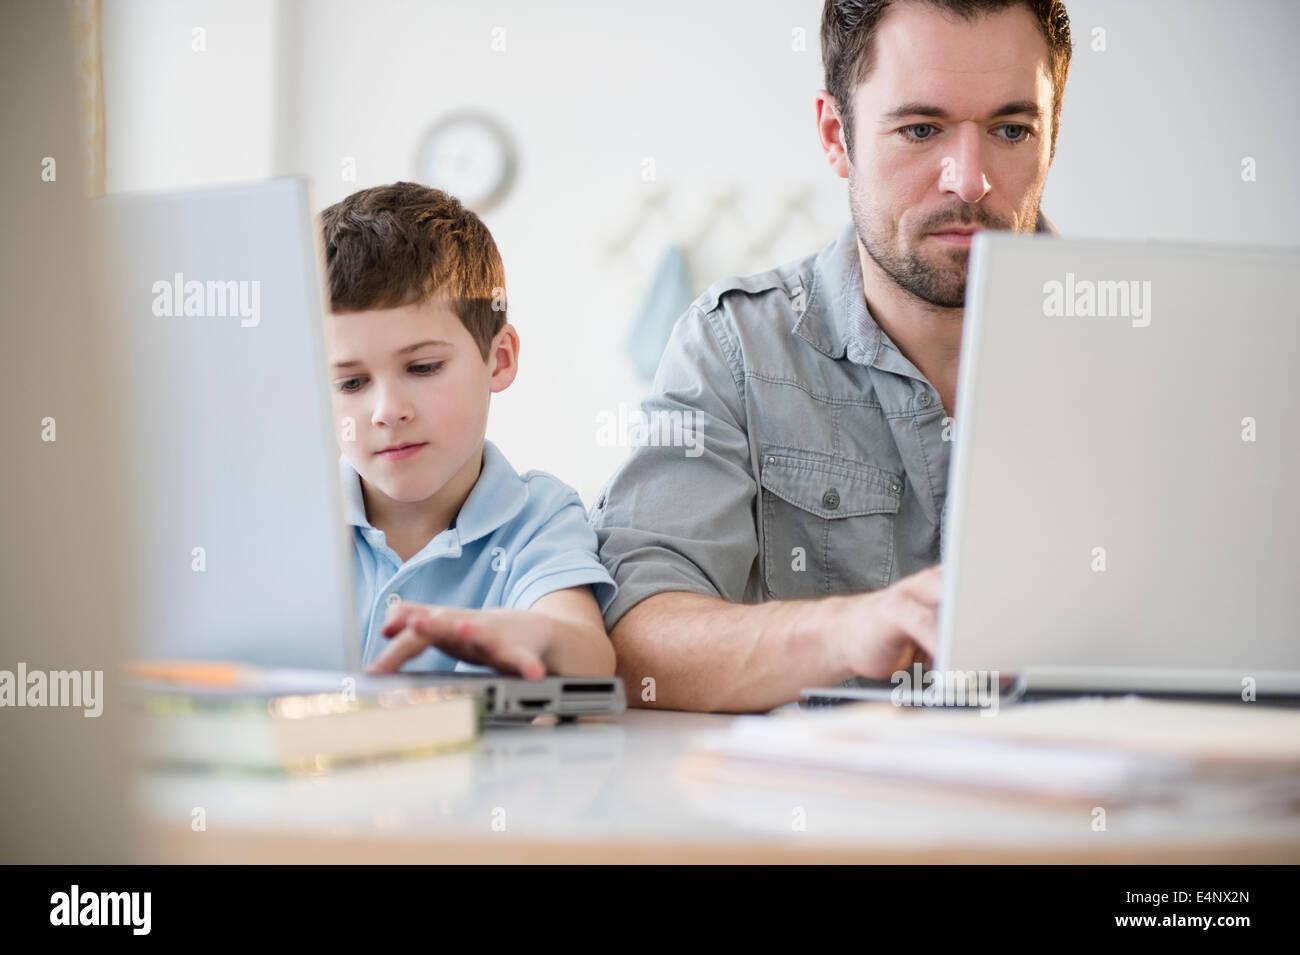 Père et fils (8-9) travaillant sur des ordinateurs portables Photo Stock